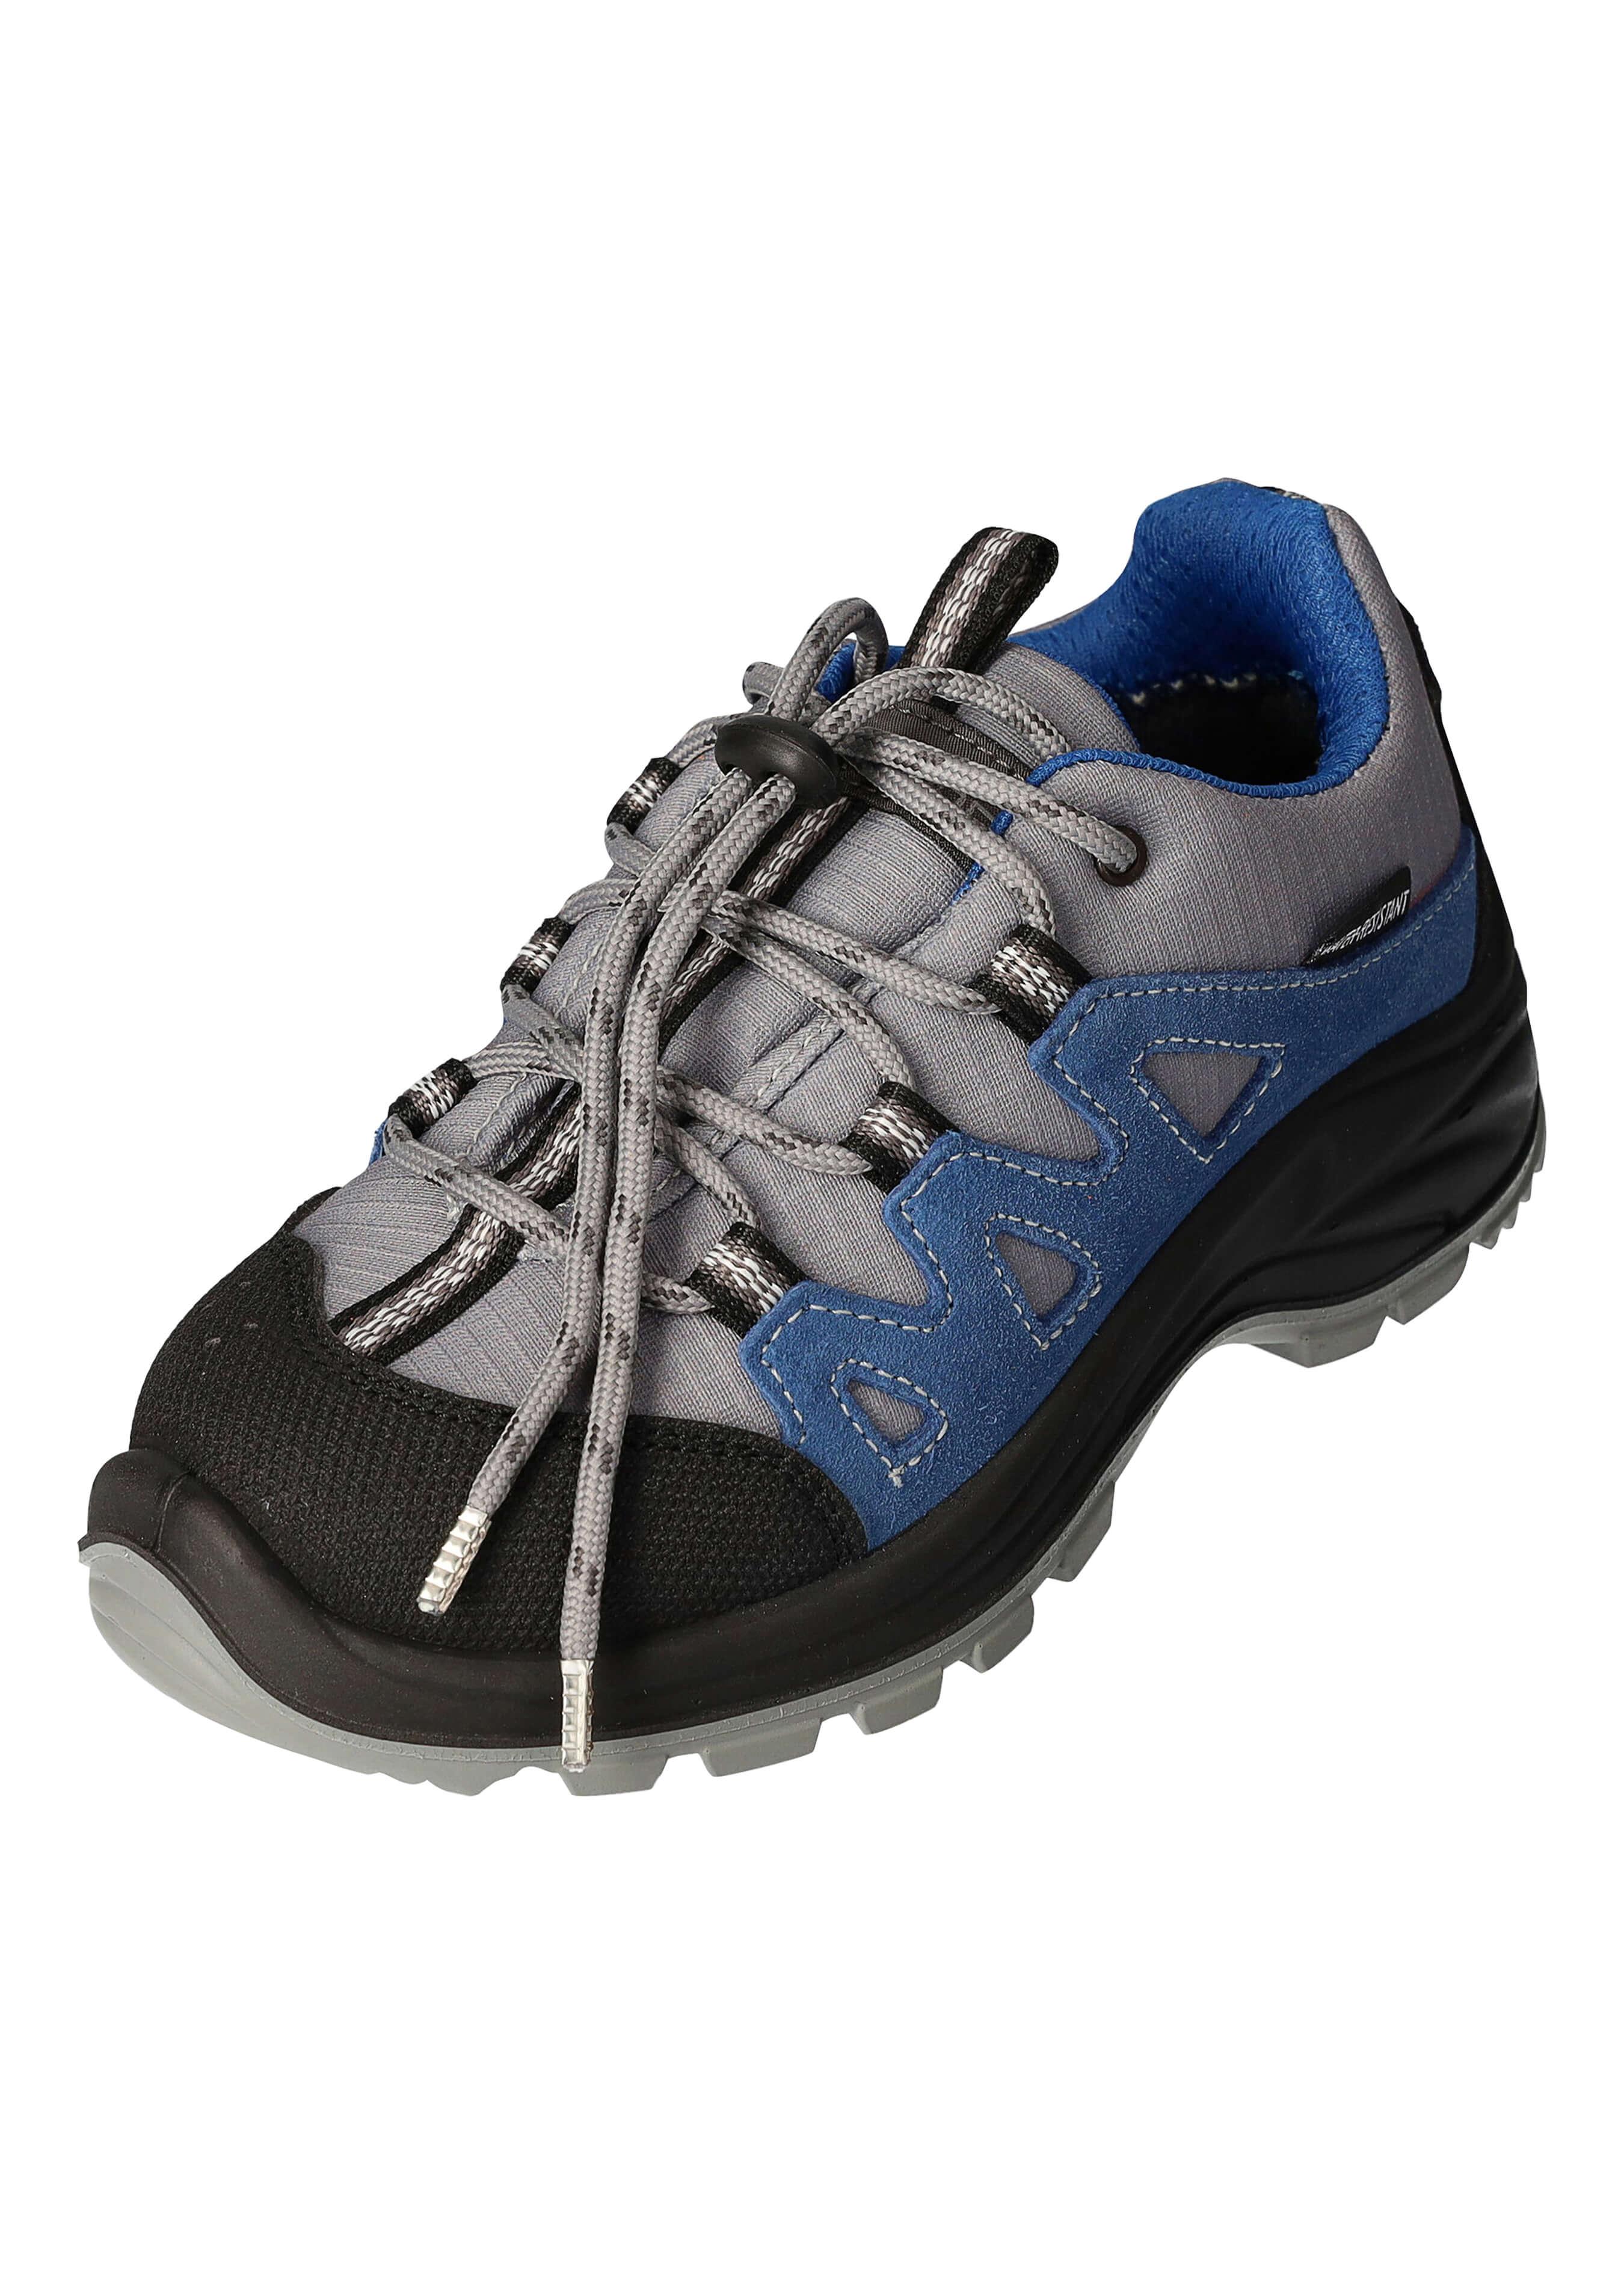 Chaussure polyvalente pour enfants One 42983226 2